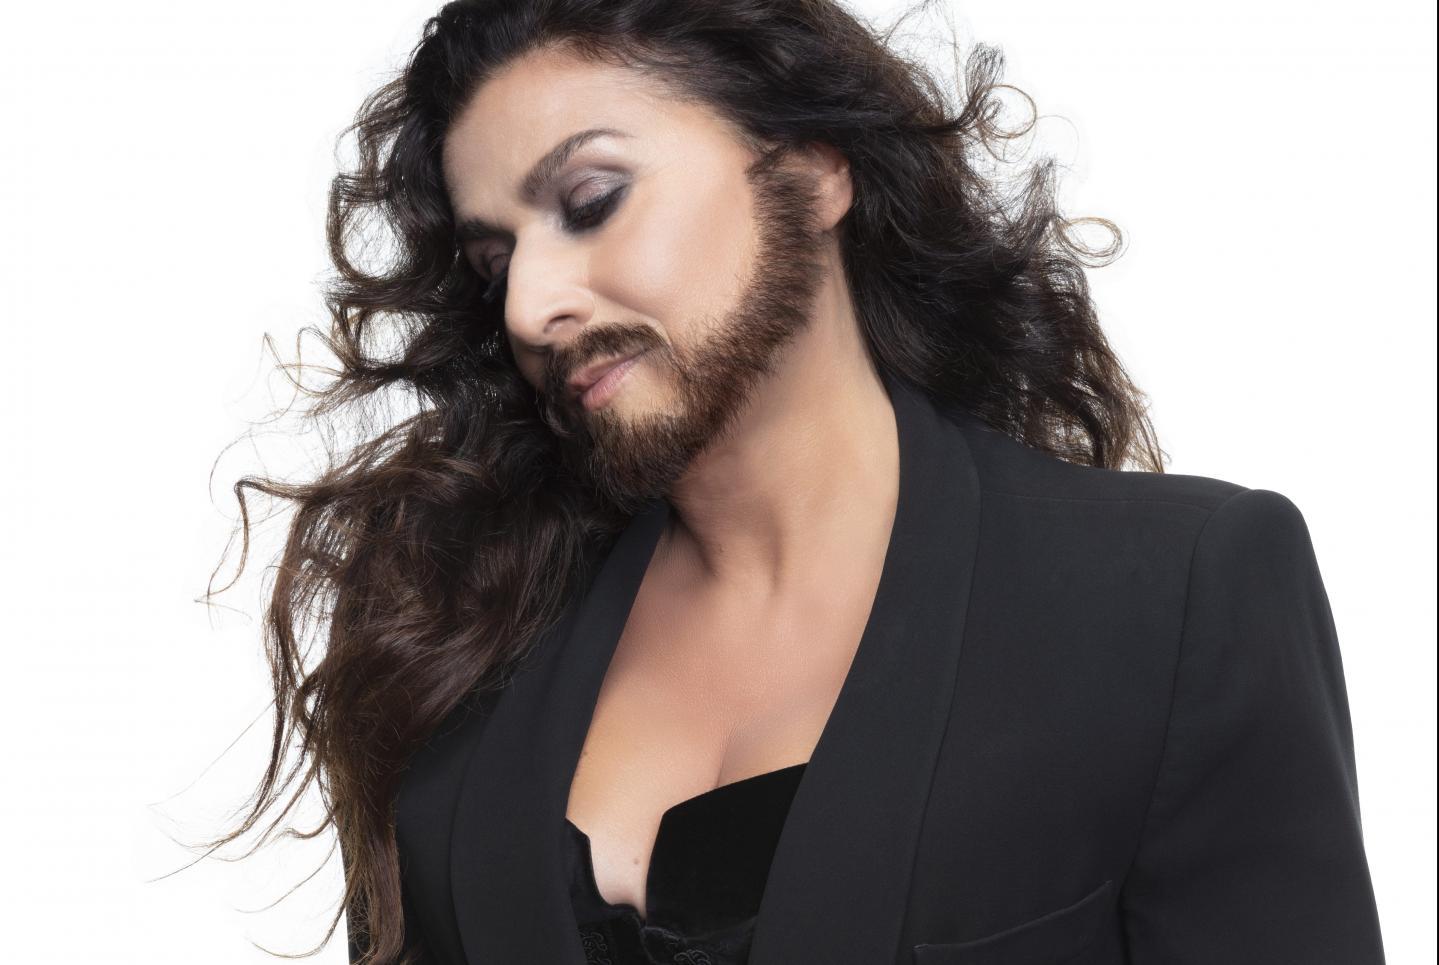 """Sur la pochette de son nouvel album, """"Farinelli"""", Cecilia Bartoli s'est ajoutée une barbe..."""